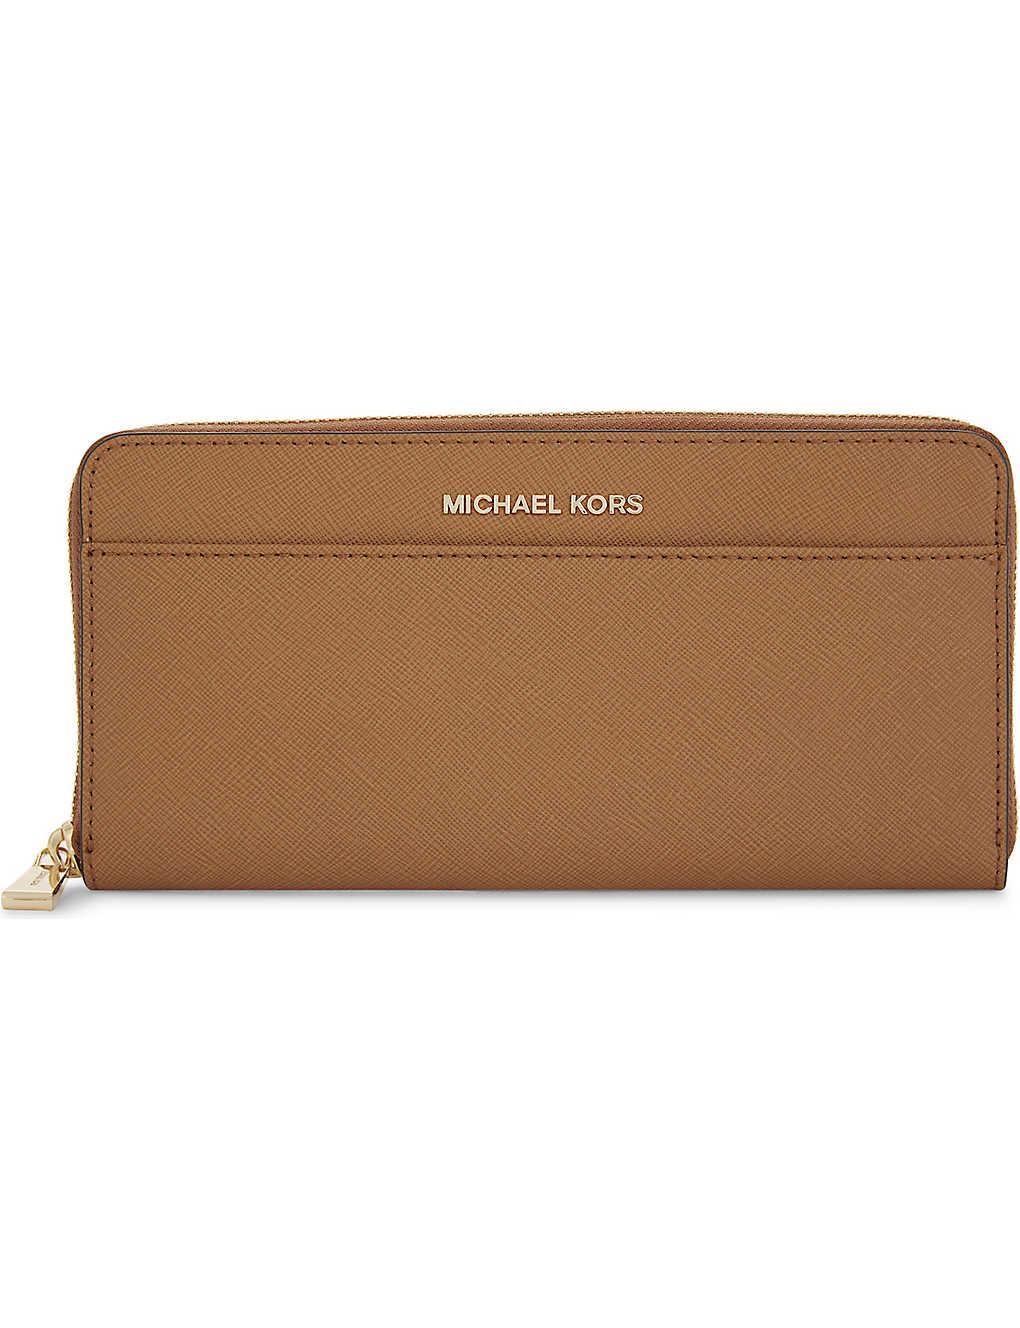 5ed8e4abfd31ea MICHAEL MICHAEL KORS - Jet Set leather continental wallet ...